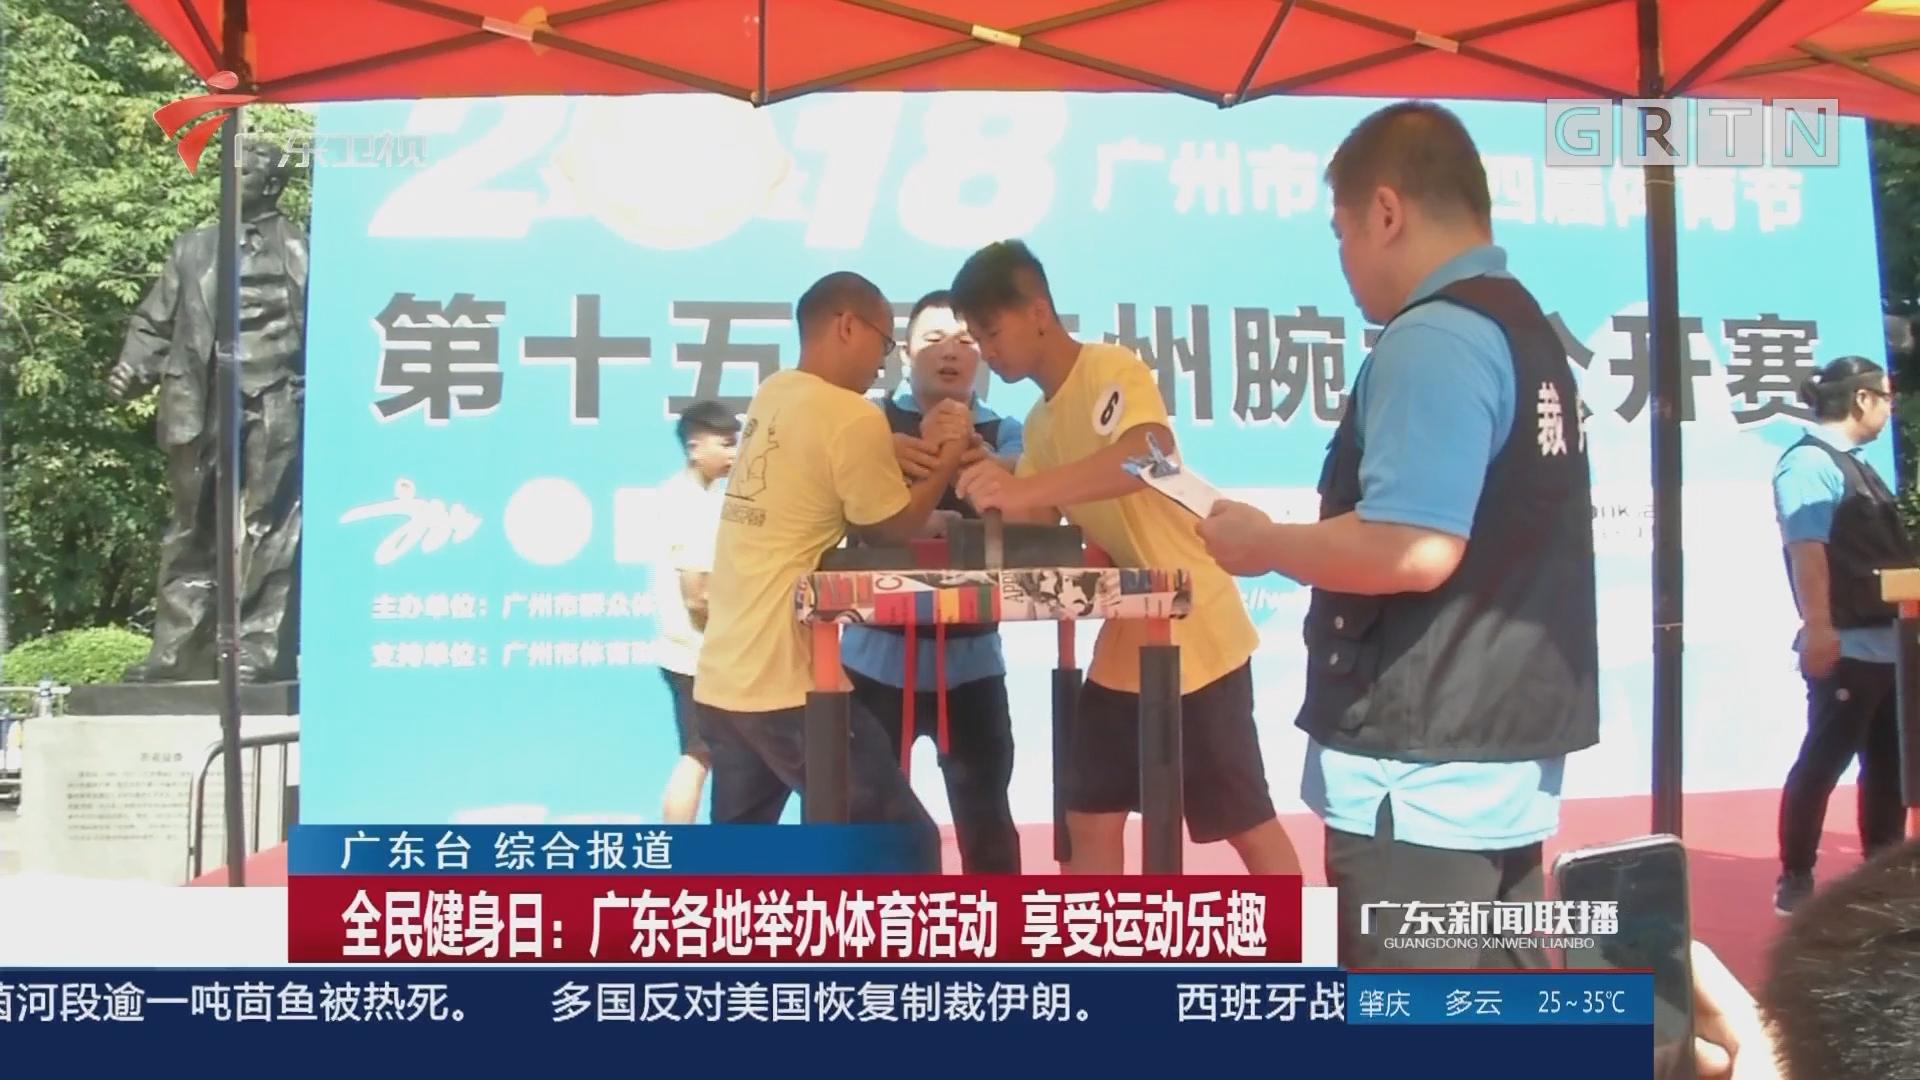 全民健身日:广东各地举办体育活动 享受运动乐趣